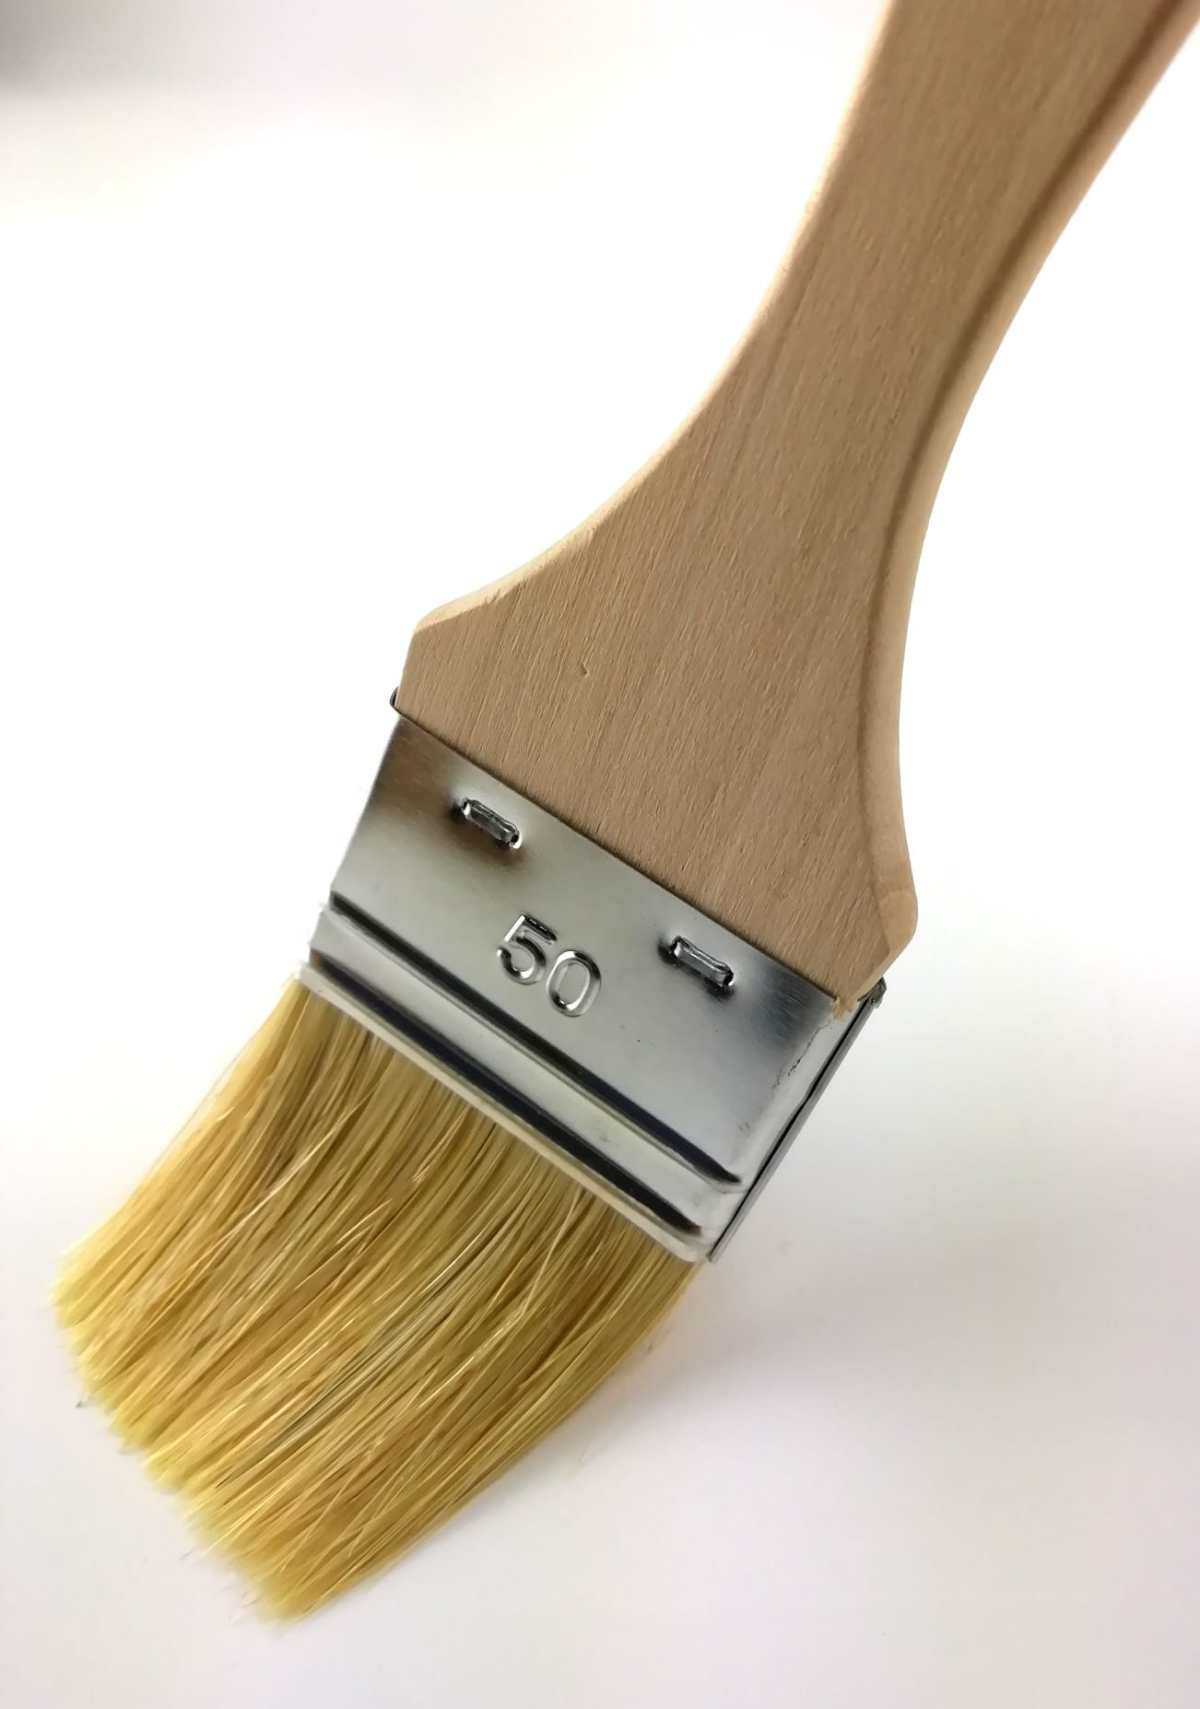 pinceau soies naturelles 50mm manche en peuplier brut vue en plongée